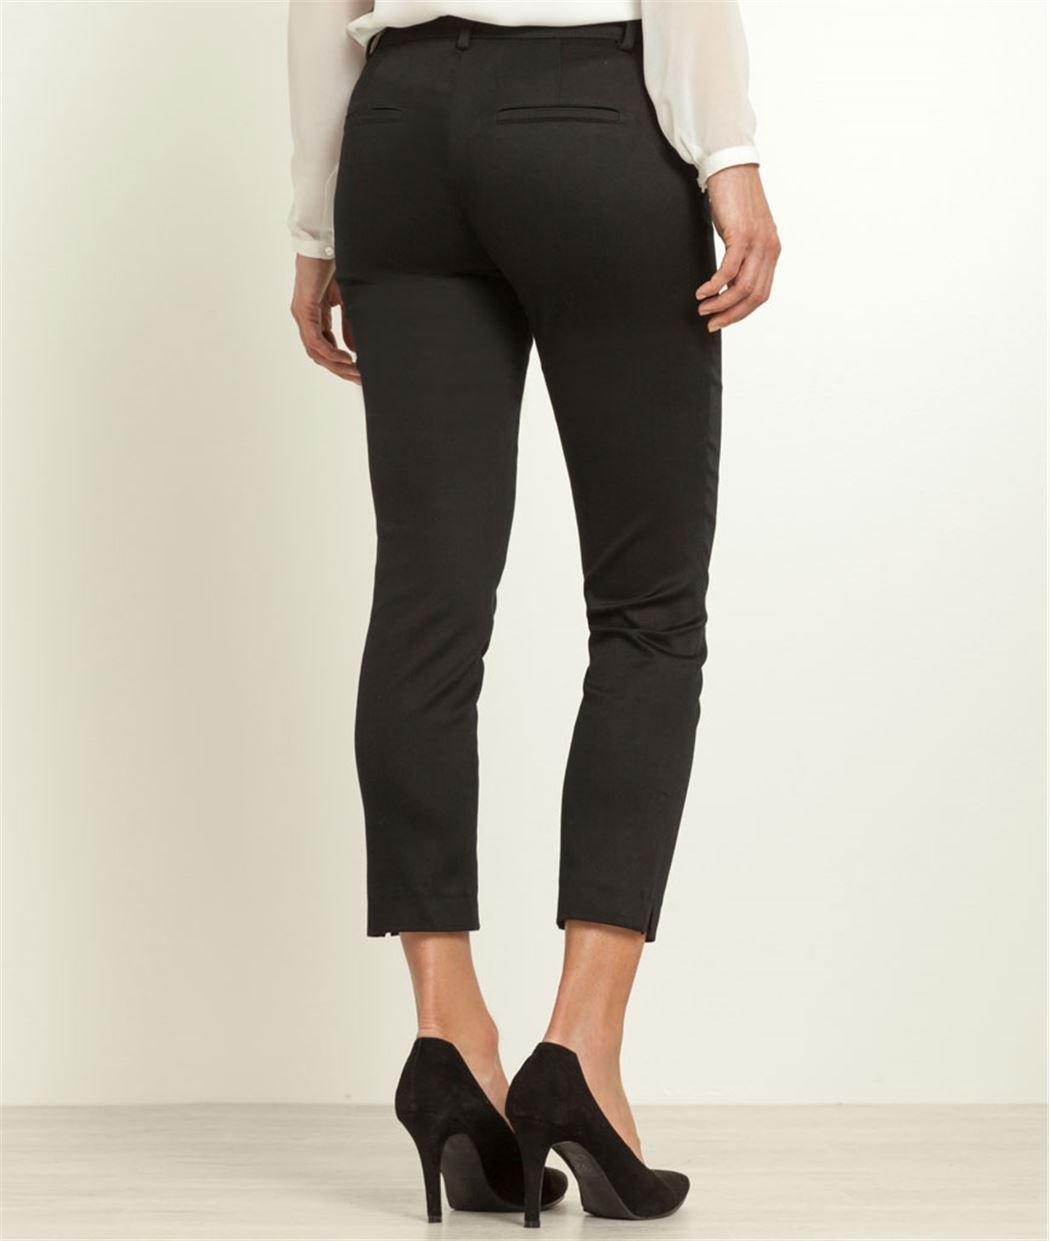 Pantalon femme 7/8 satin de coton NOIR